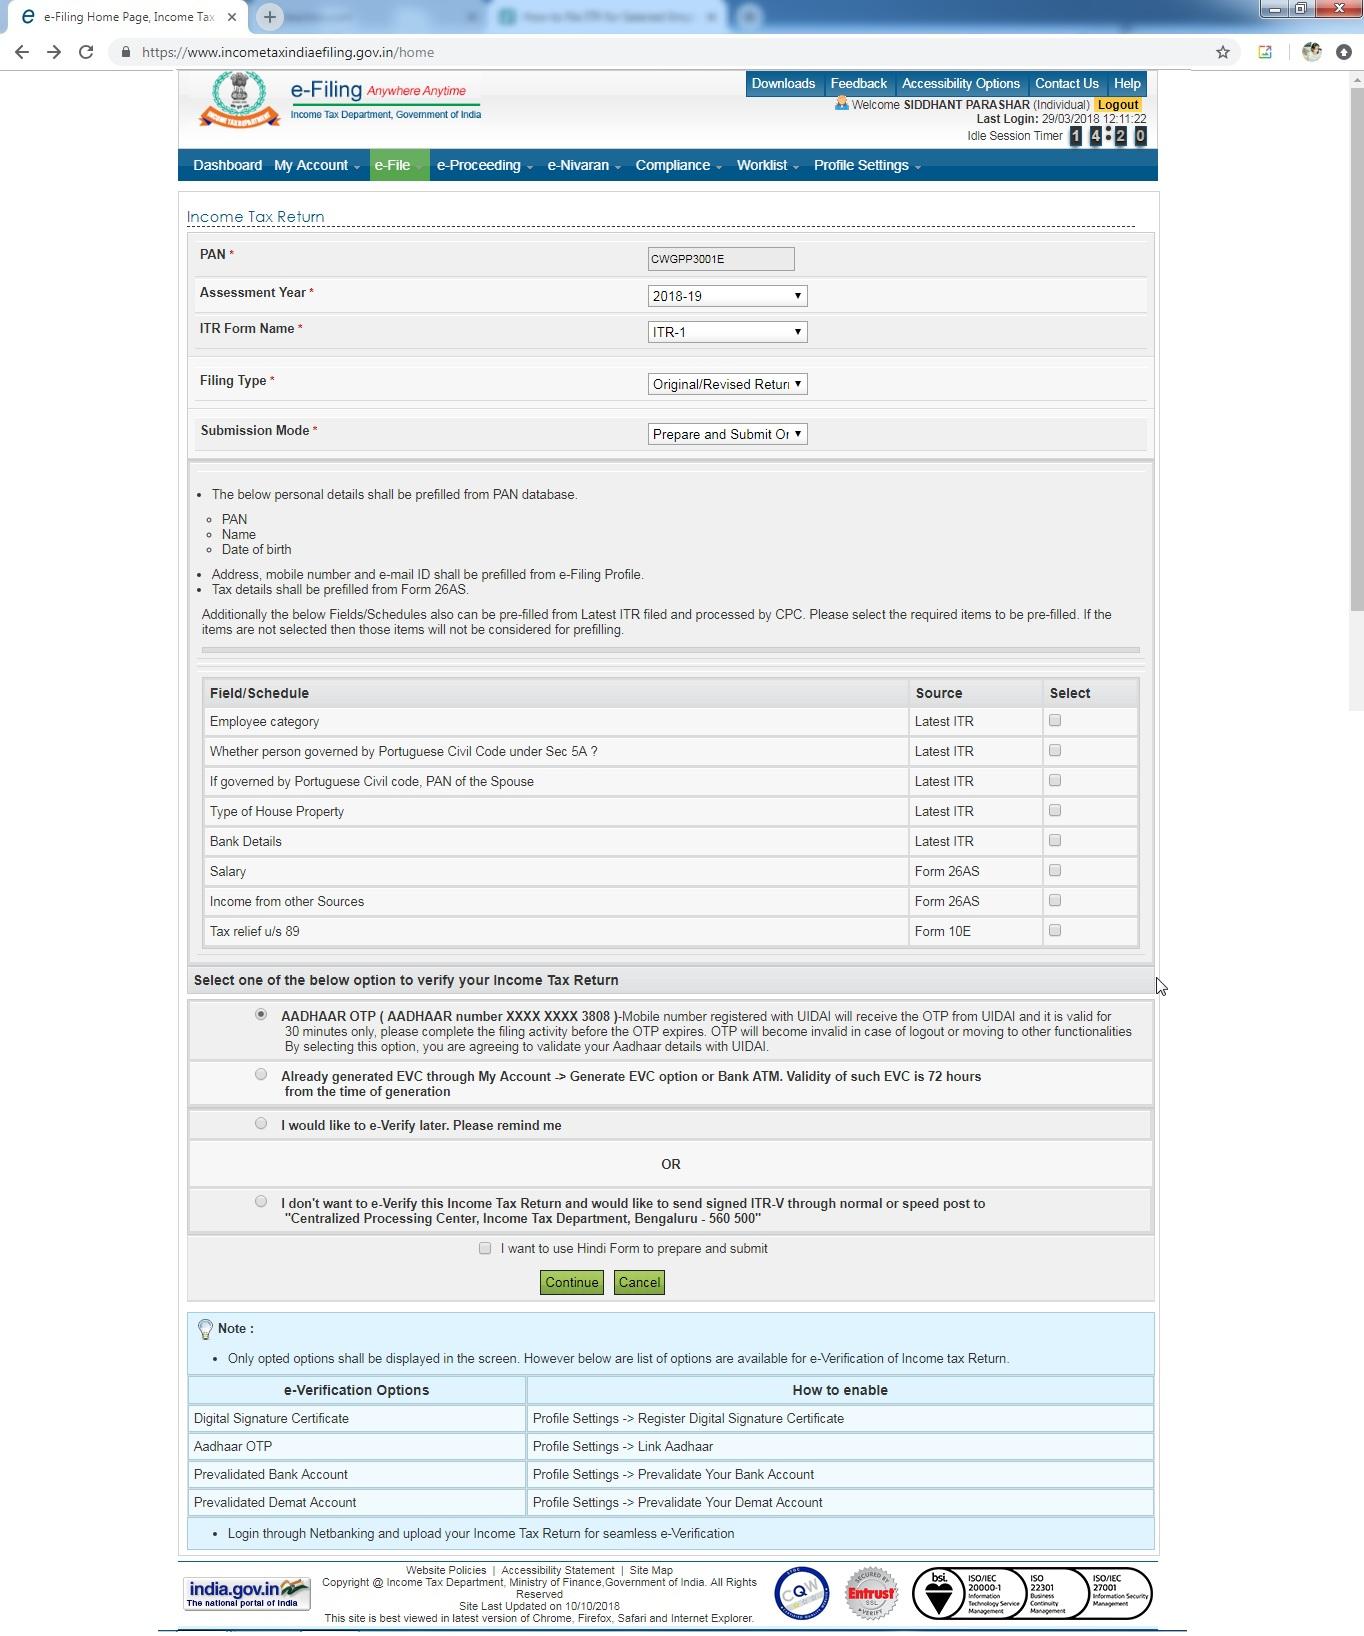 3. Fill Online ITR.jpg